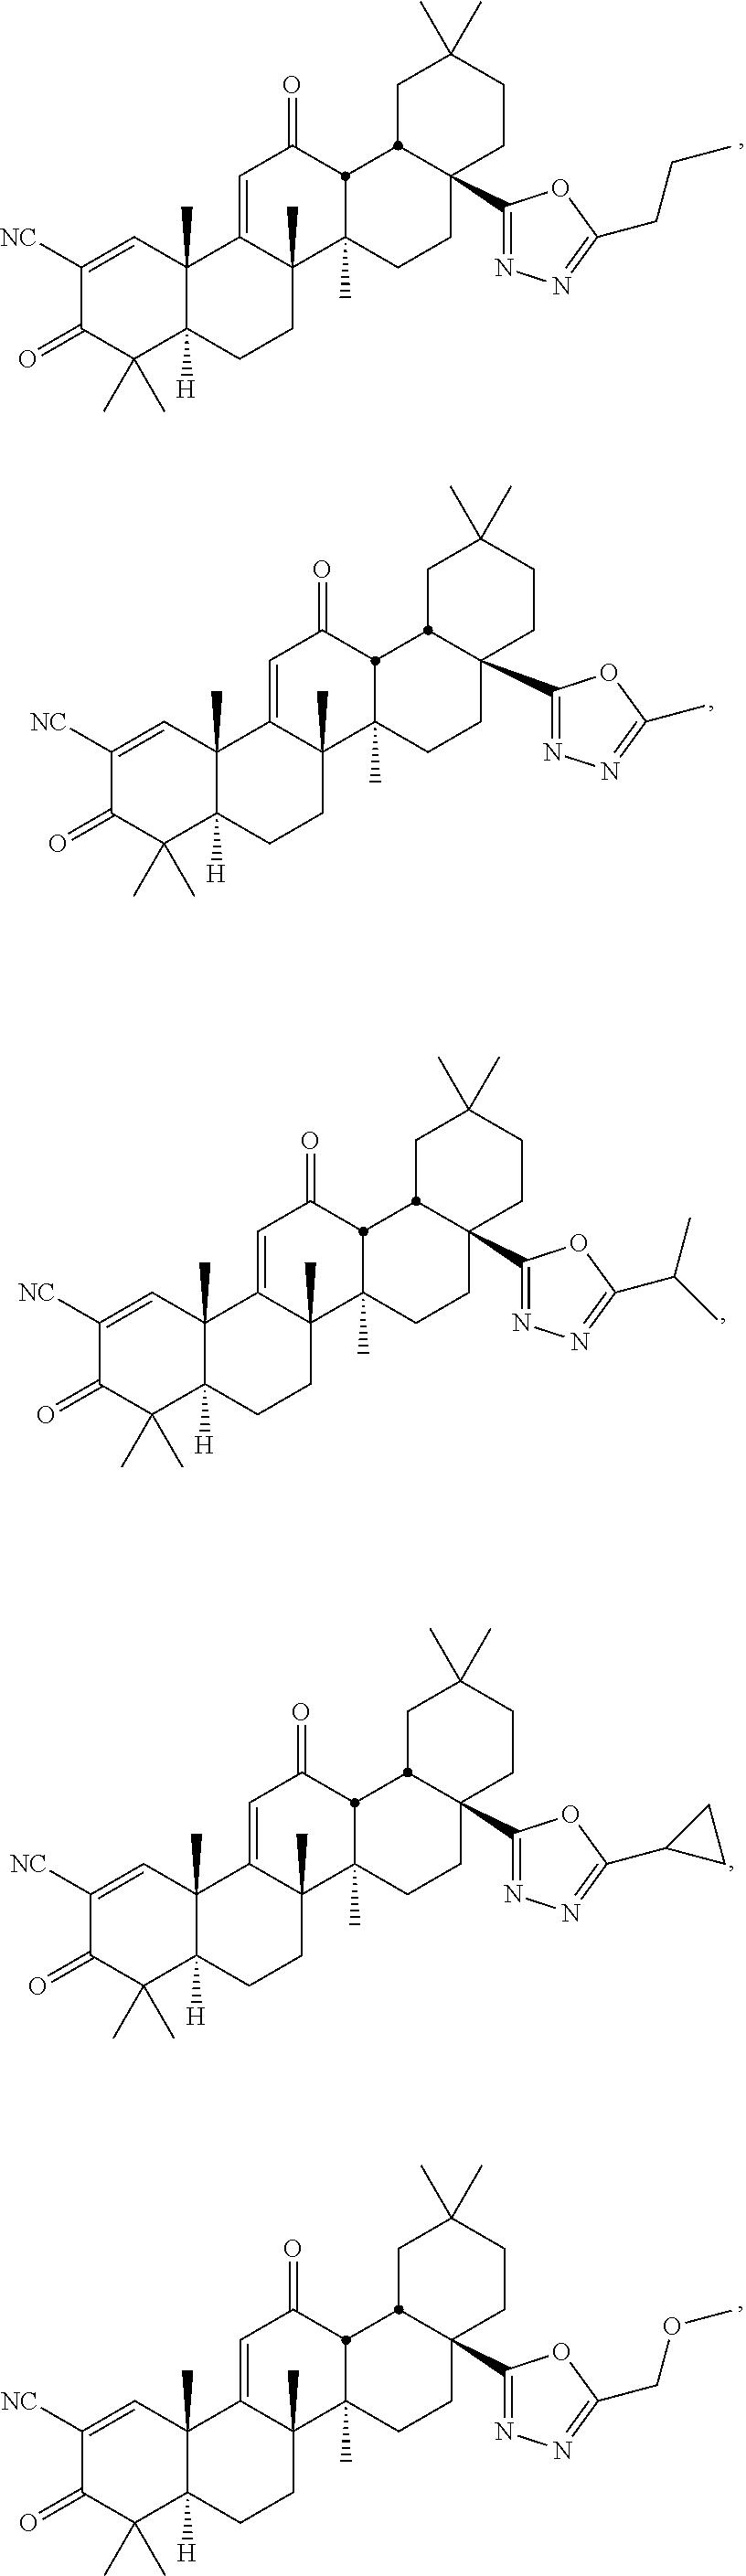 Figure US09889143-20180213-C00004